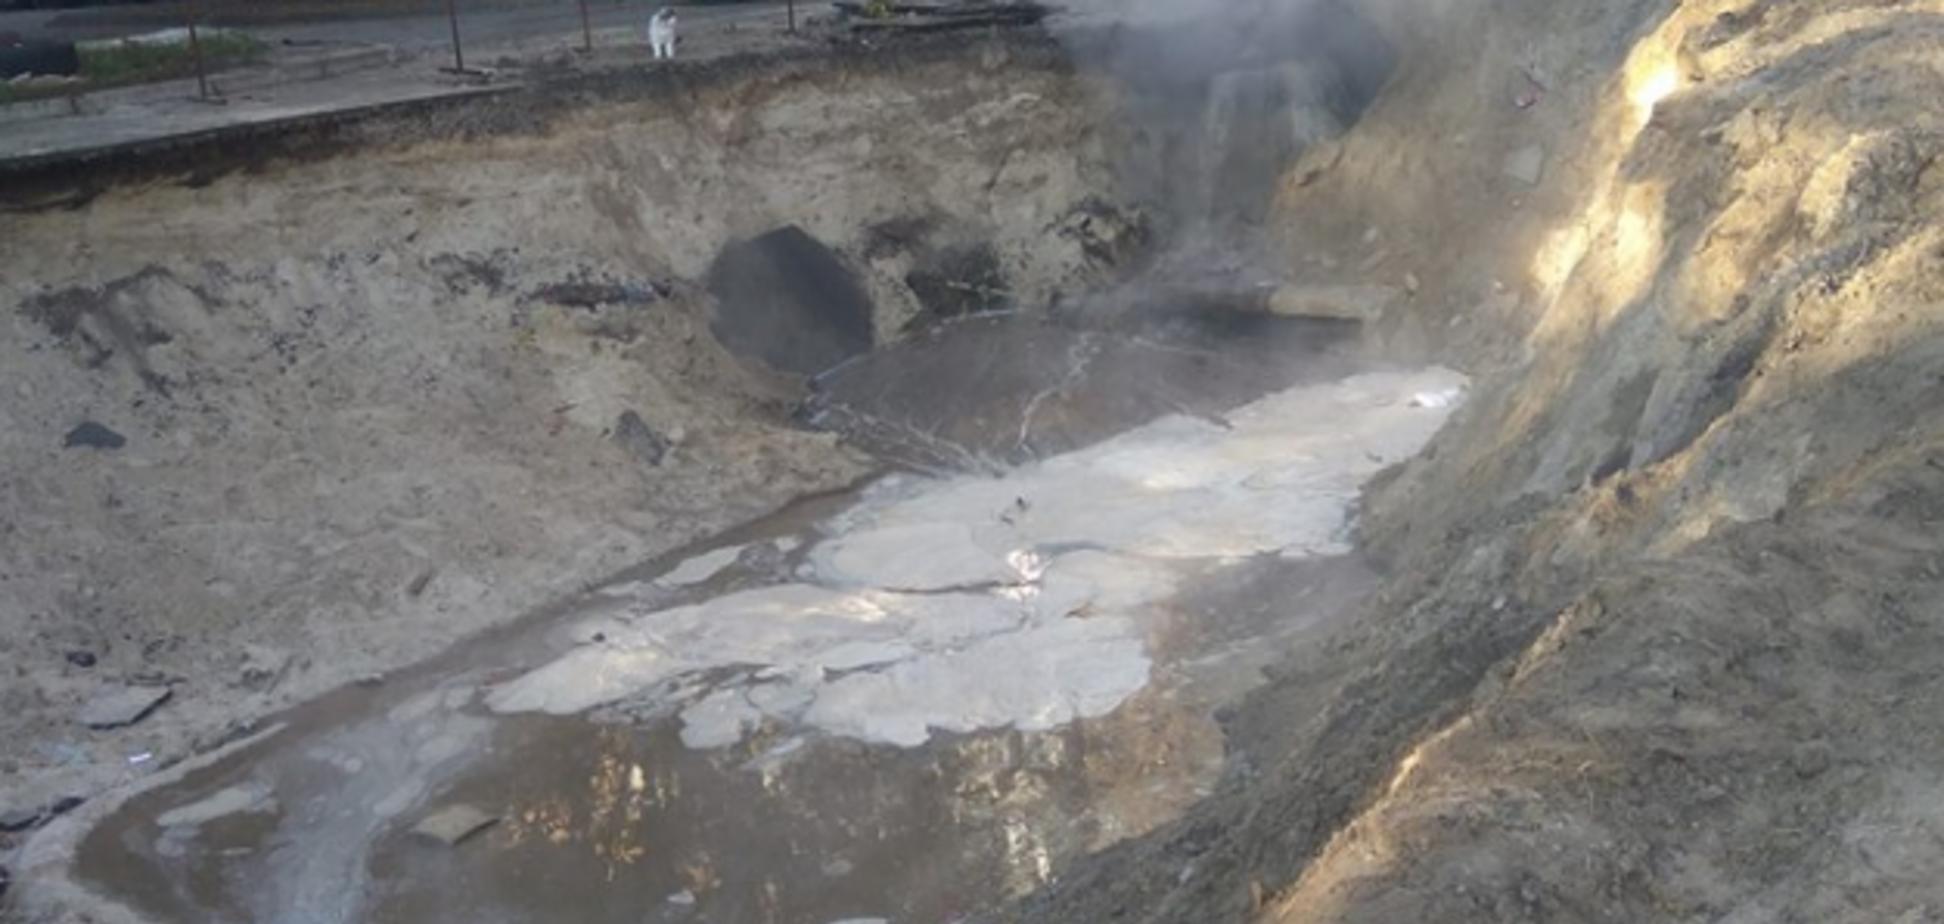 'Беремо рушники і йдемо у джакузі': у Києві прорвало трубу із гарячою водою